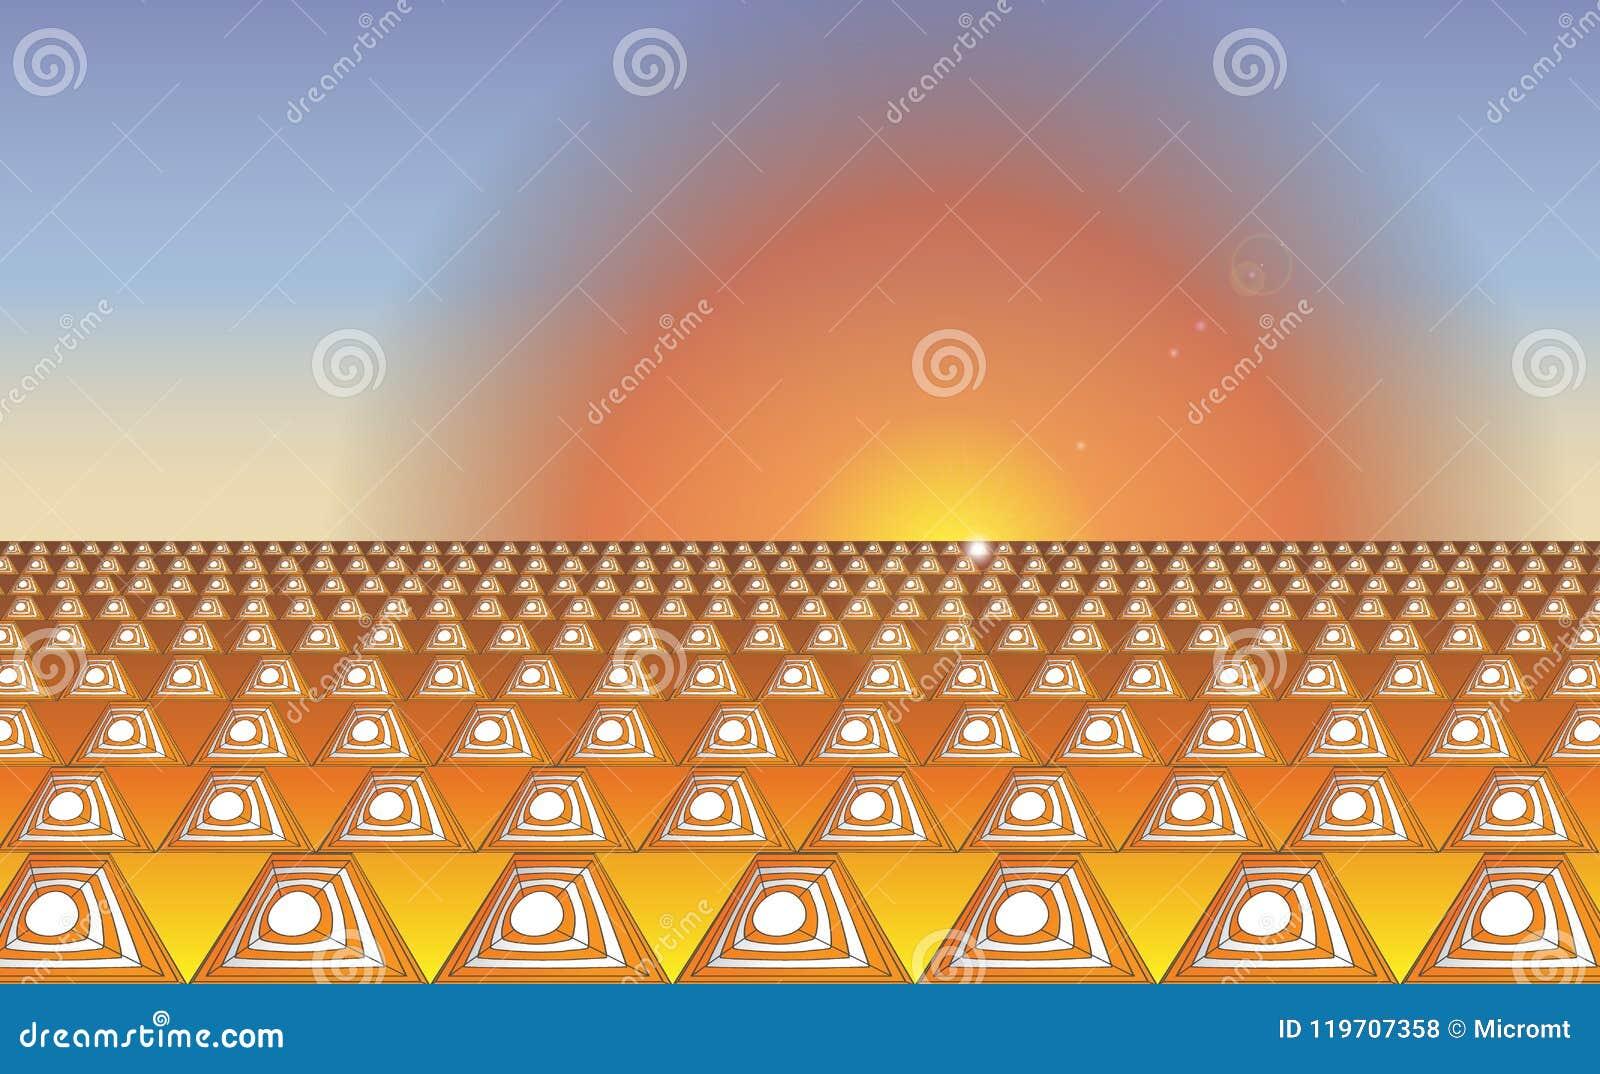 Orange weiße Sicherheitsleitkegel des industriellen abstrakten Hintergrundes Sonnenaufgangverkehrskegel auf einer Straße für Verk